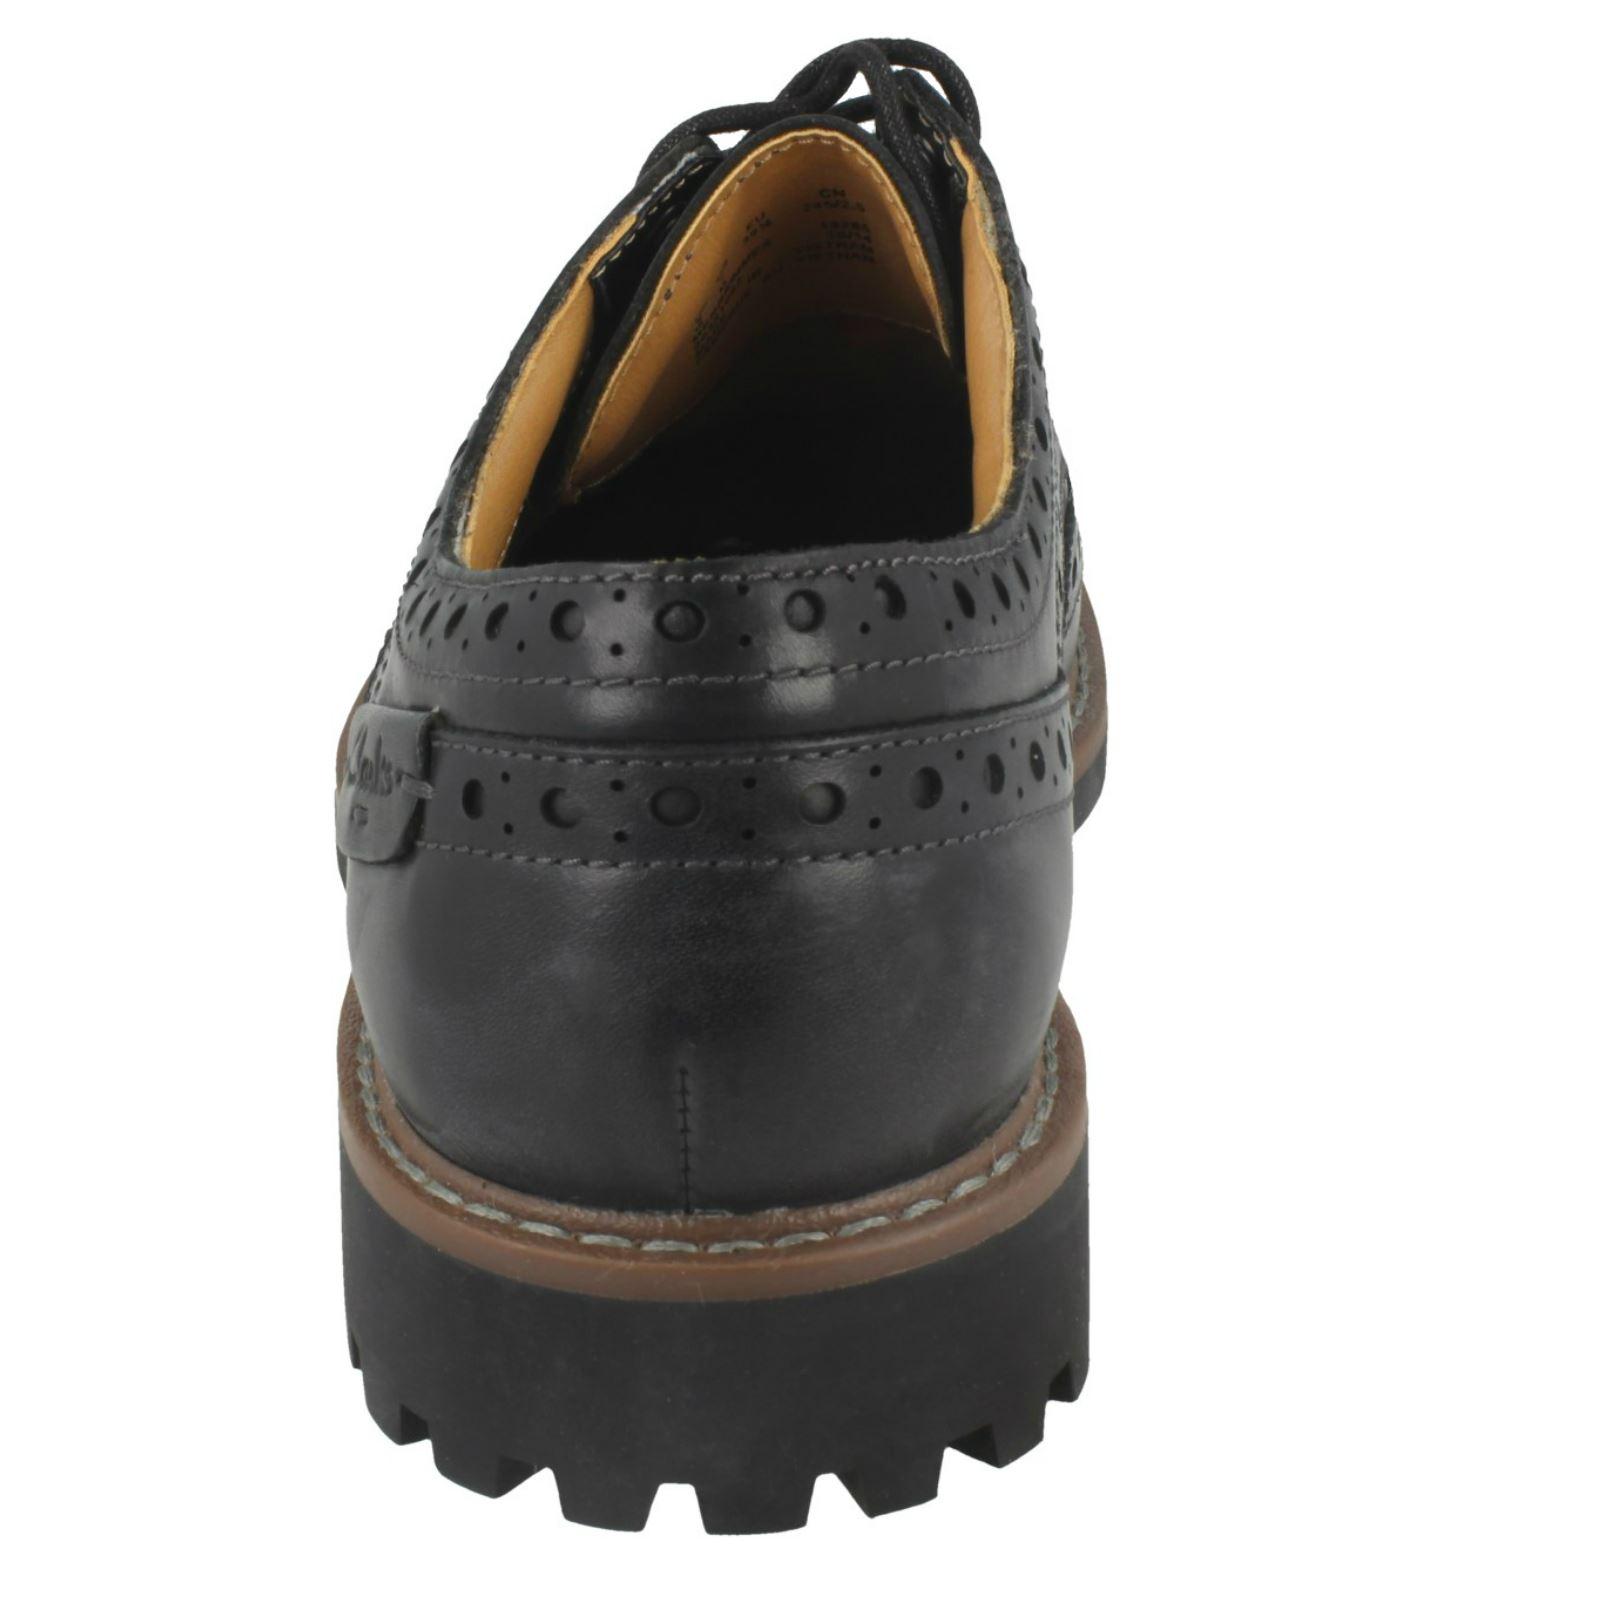 Formal Herren Clarks Montacute Wing Formal  Brogue Schuhes 6b1465